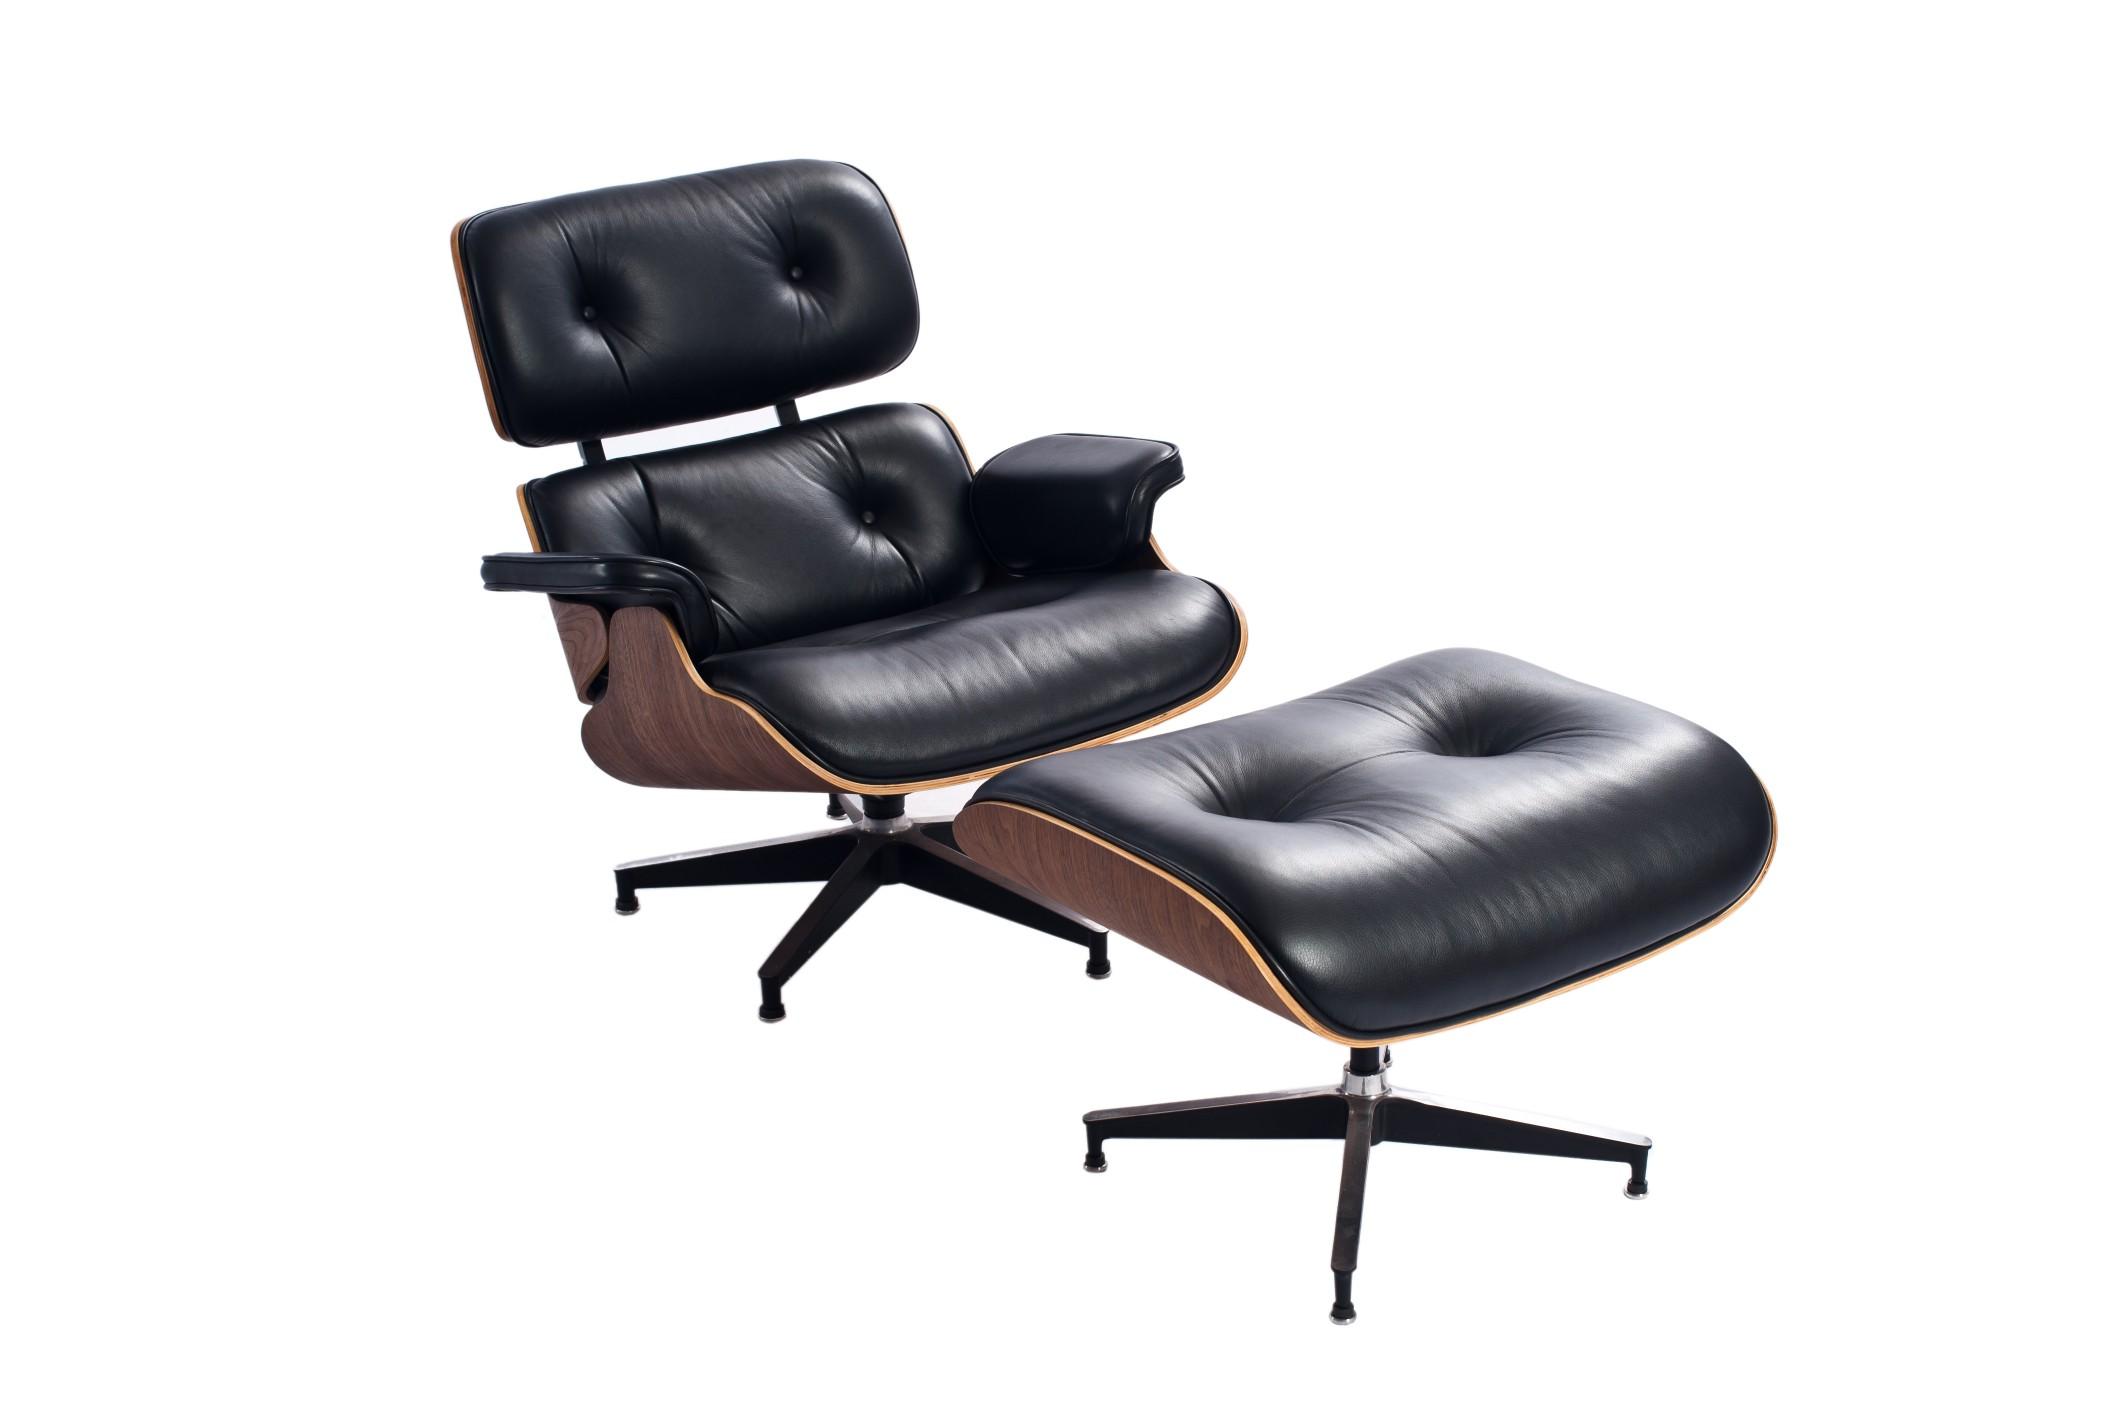 eames lounge chair  stuff about stuff - eaedccdddebcf charleseameschairmodernclassicfurniture